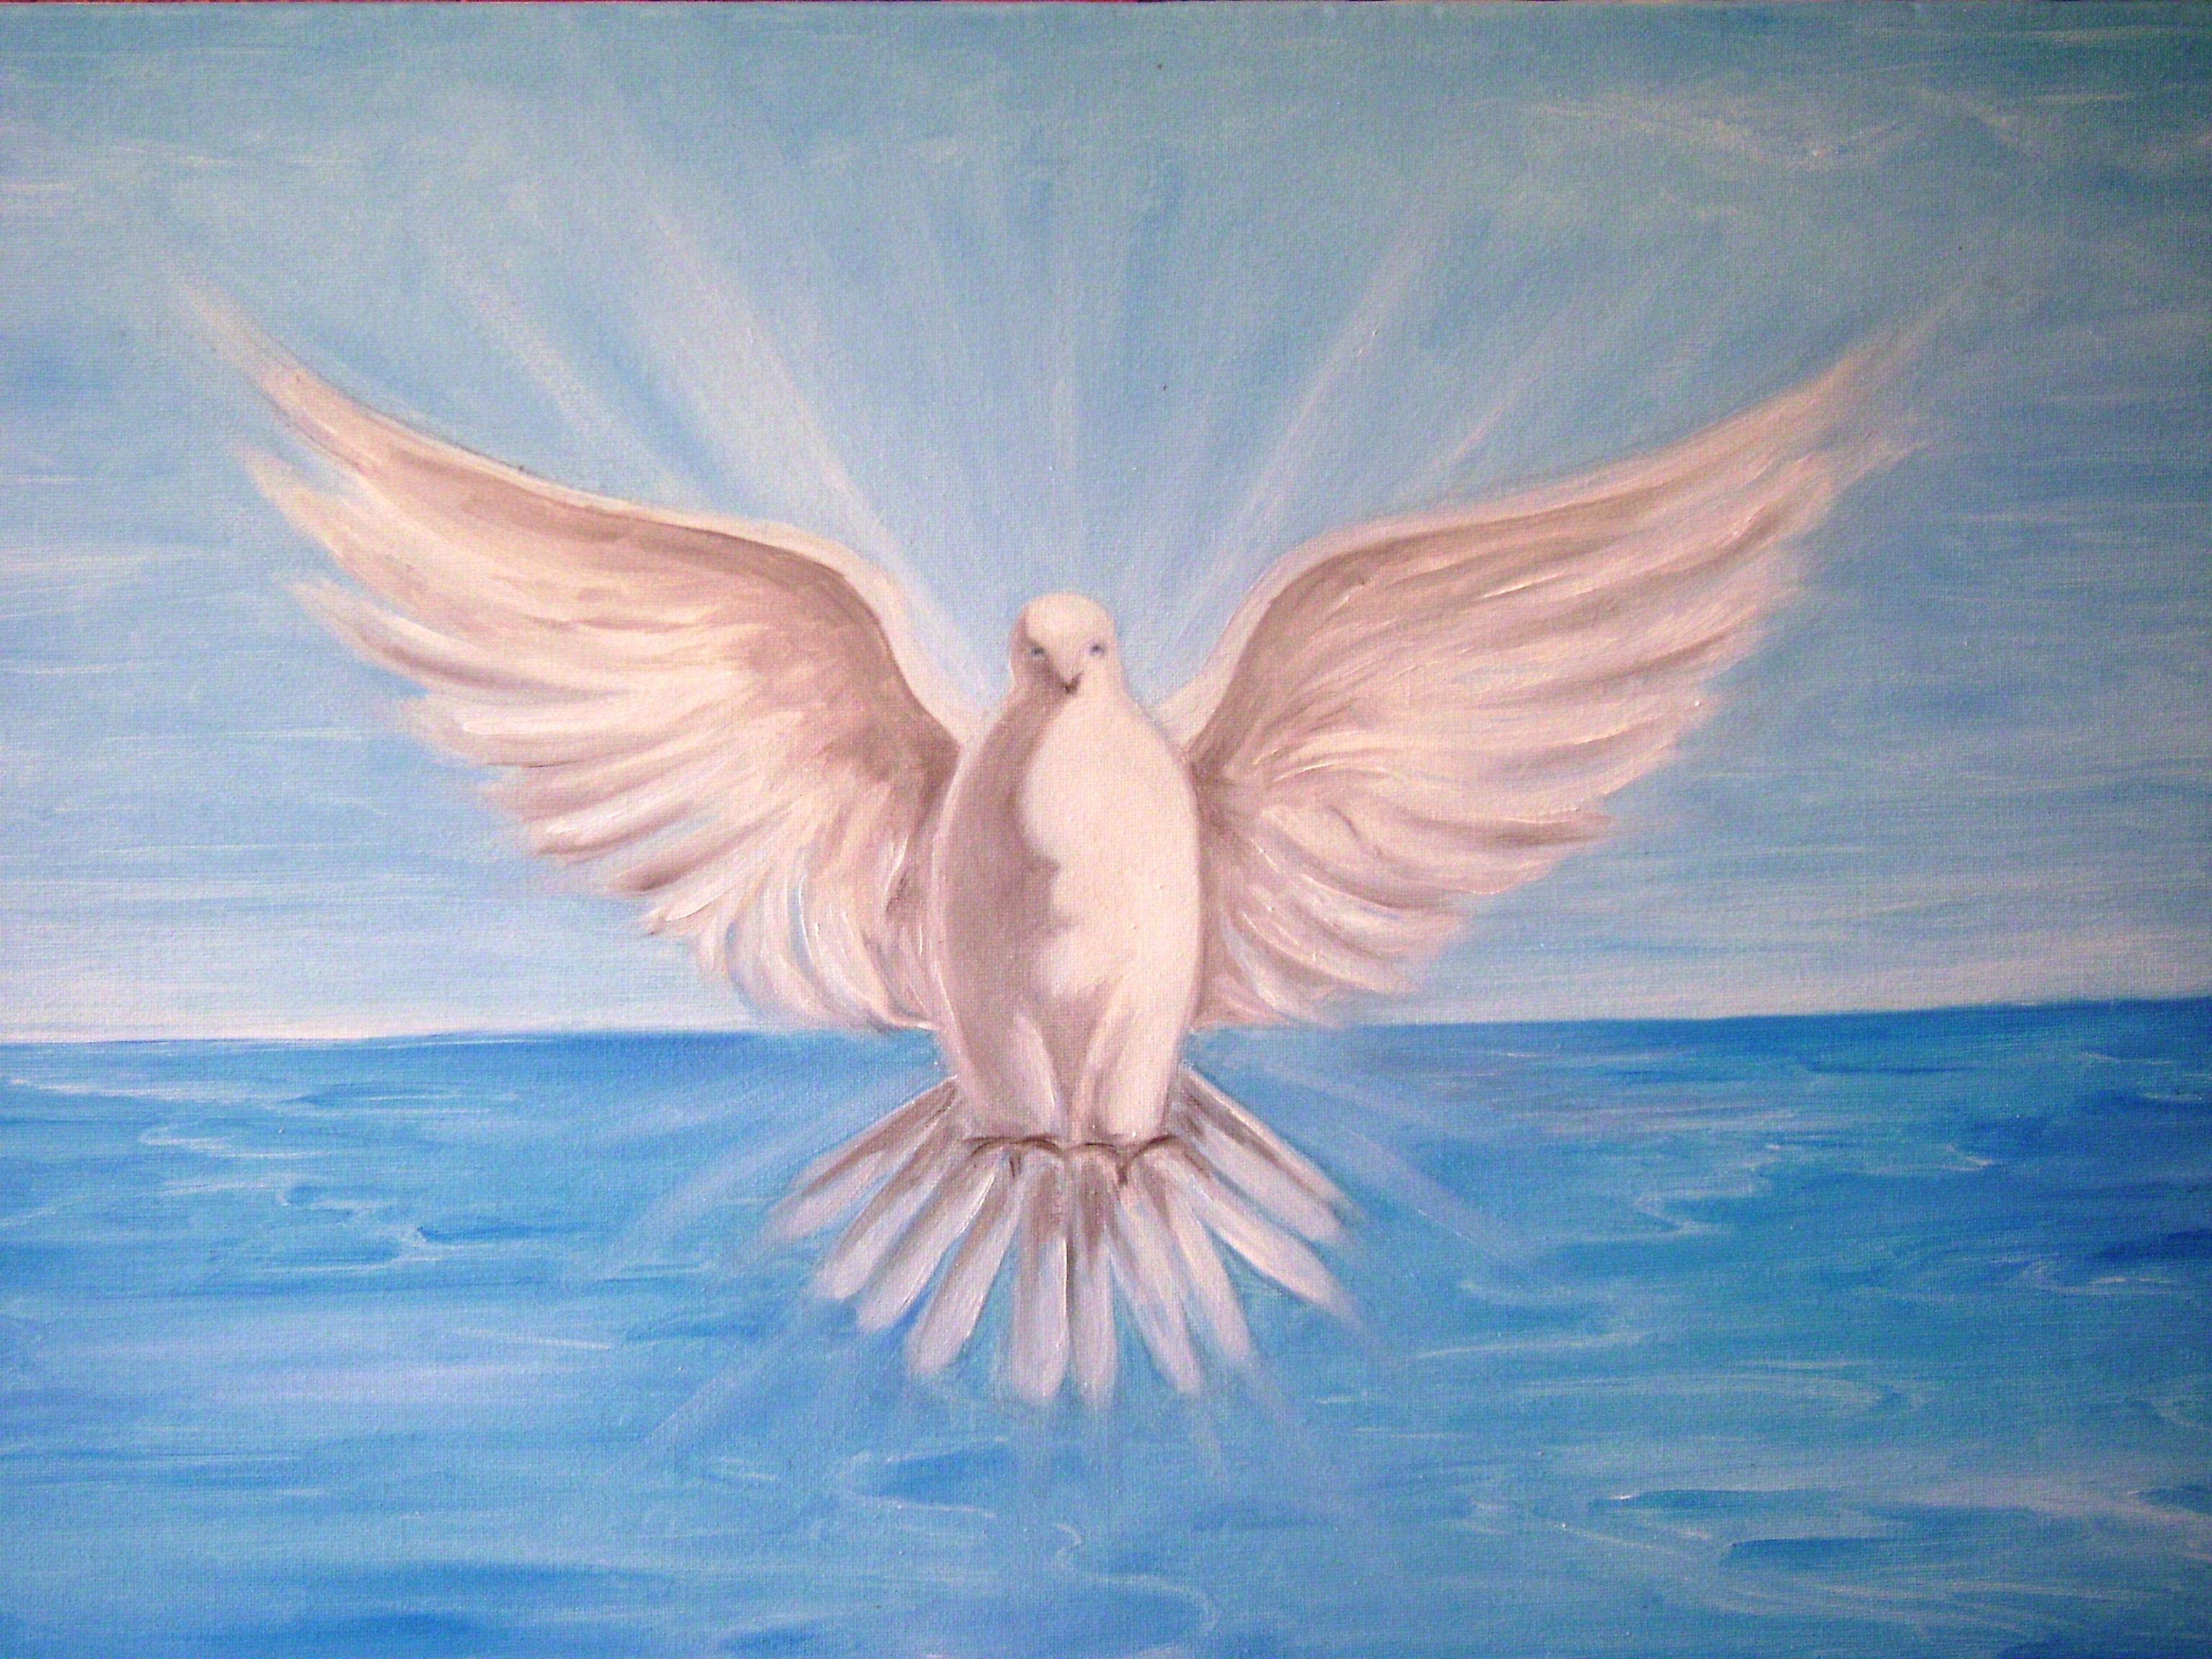 Risultati immagini per immagini dello spirito santo